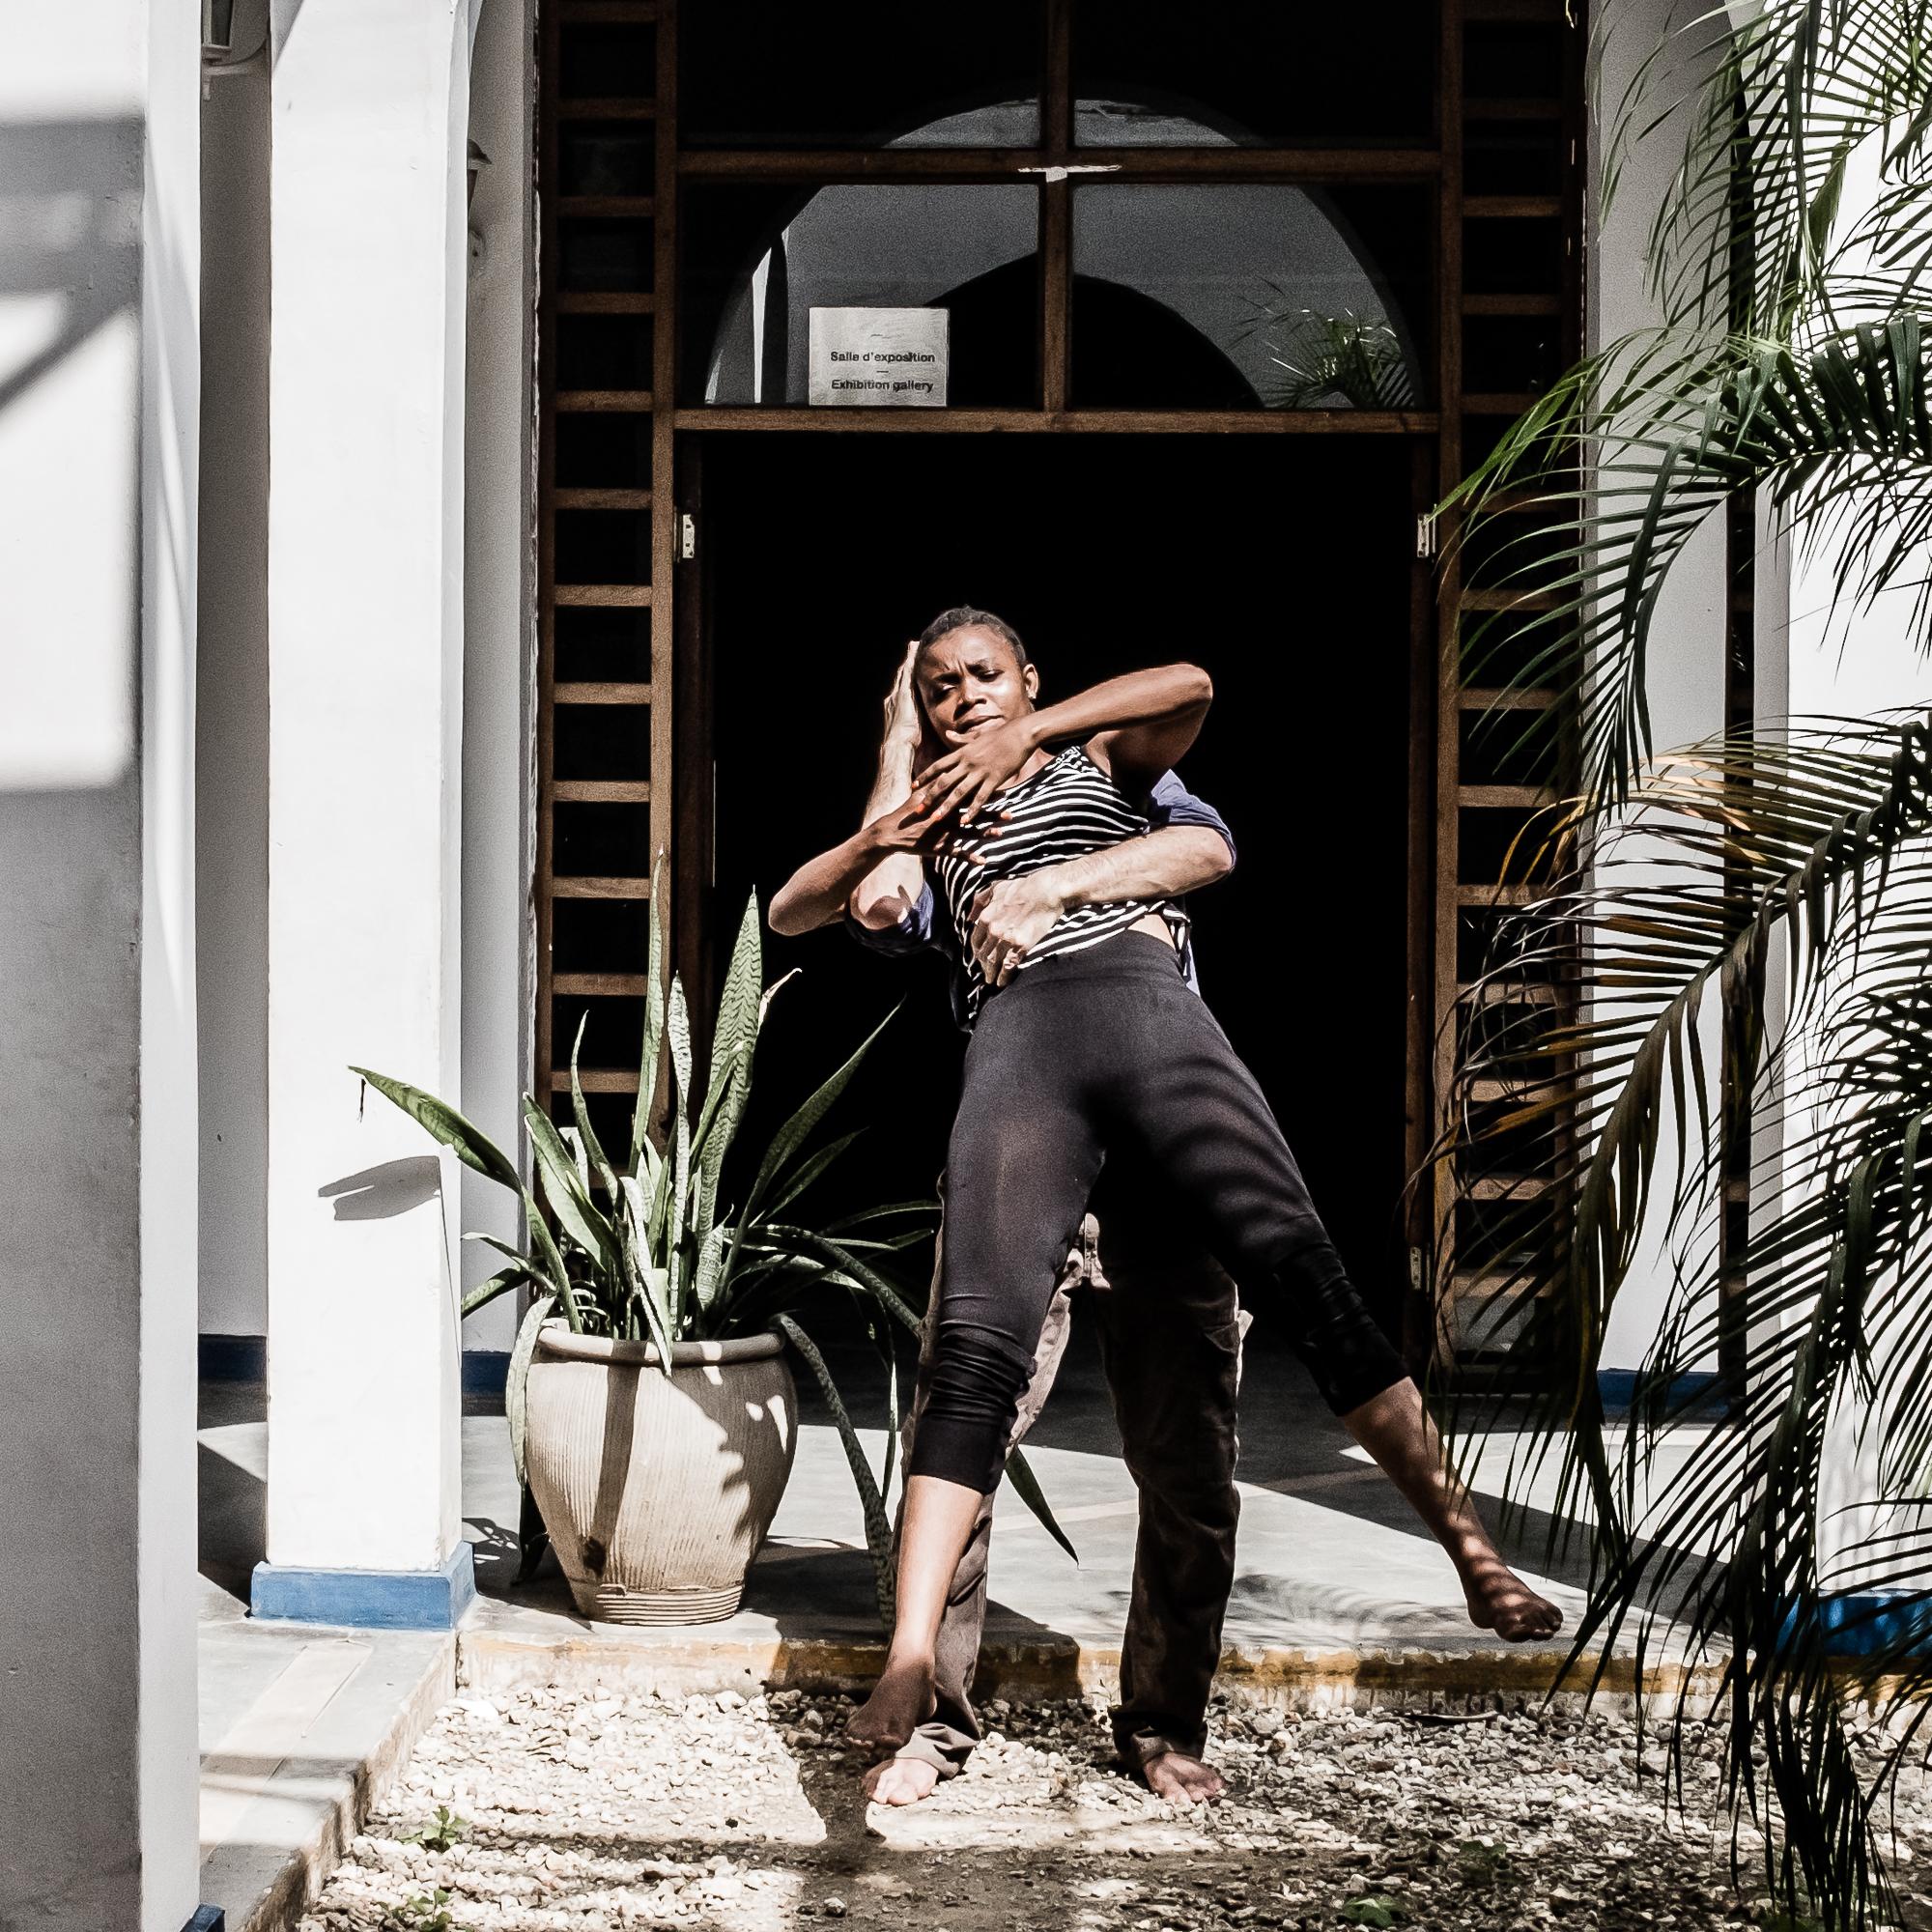 Dar Es Salaam - Kumi na tatu